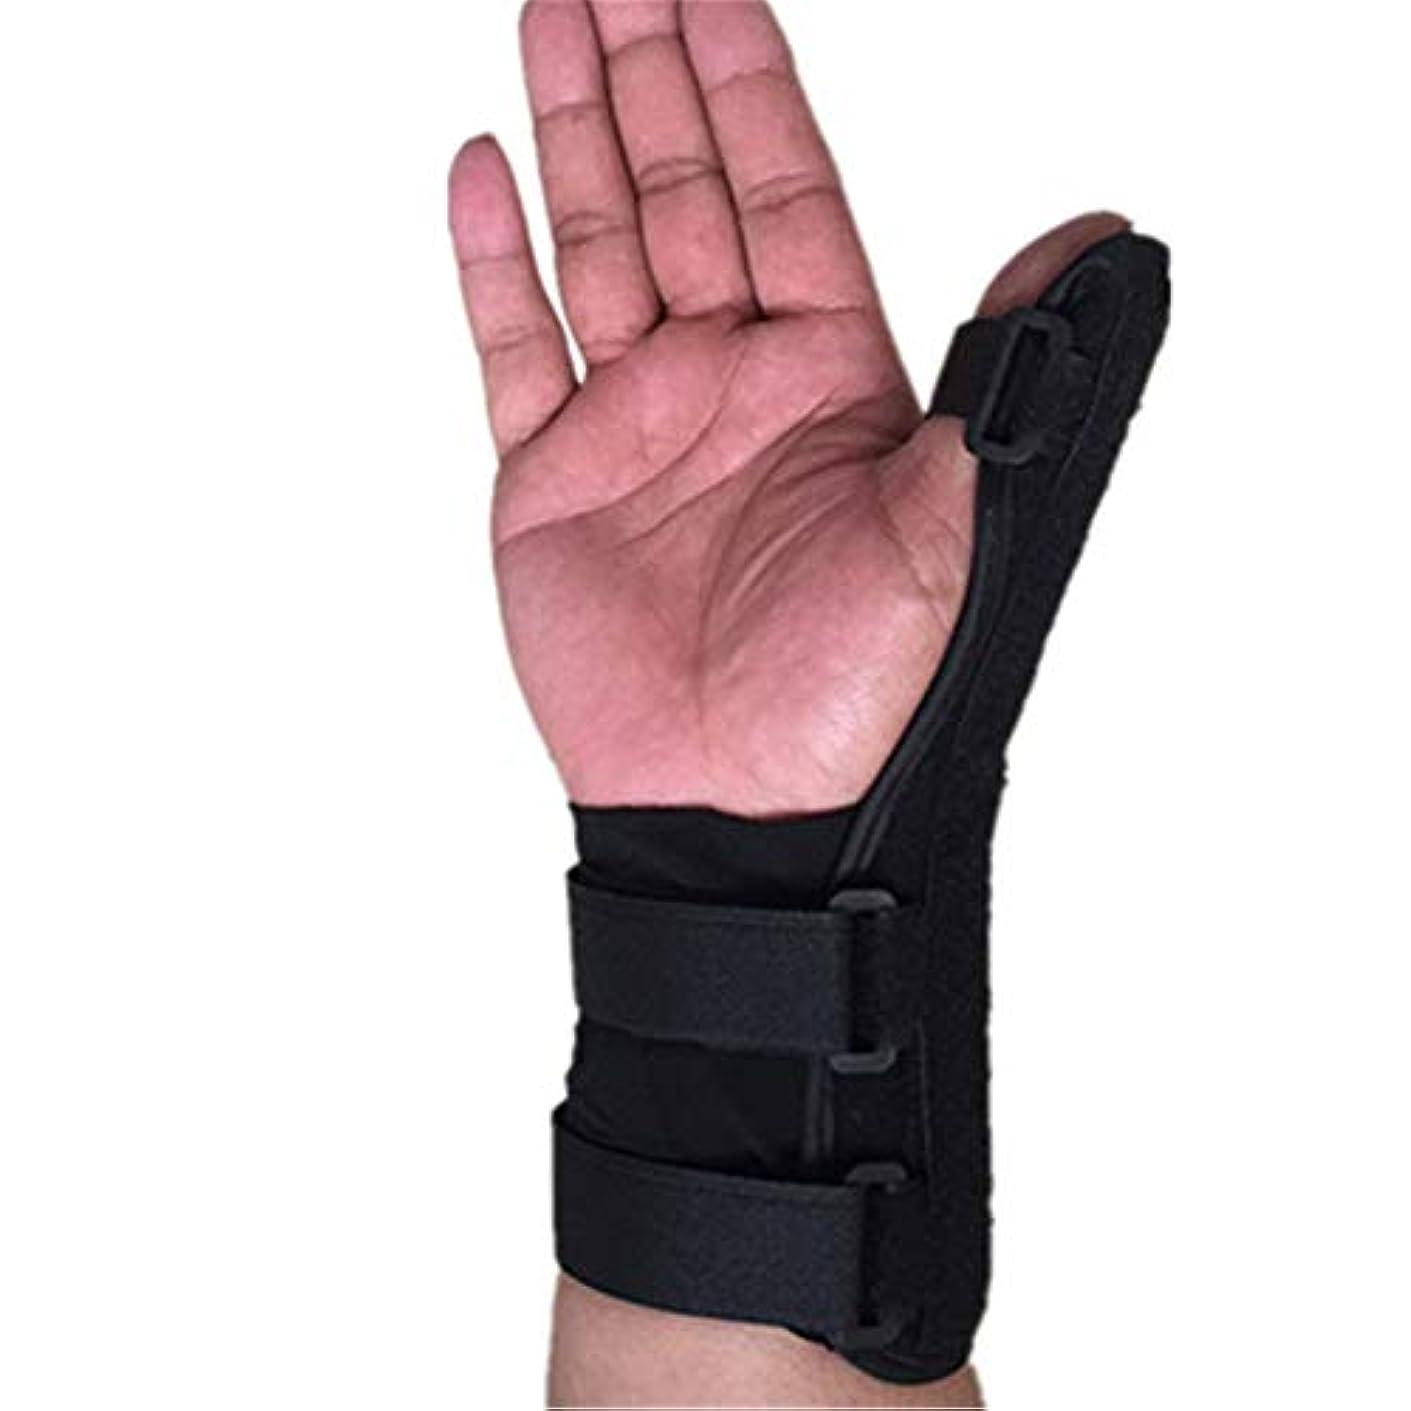 ジャングル誠実変装指サポーター ばね指サポーター バネ指 腱鞘炎 指保護 固定 調整自在 左右兼用 フリーサイズ